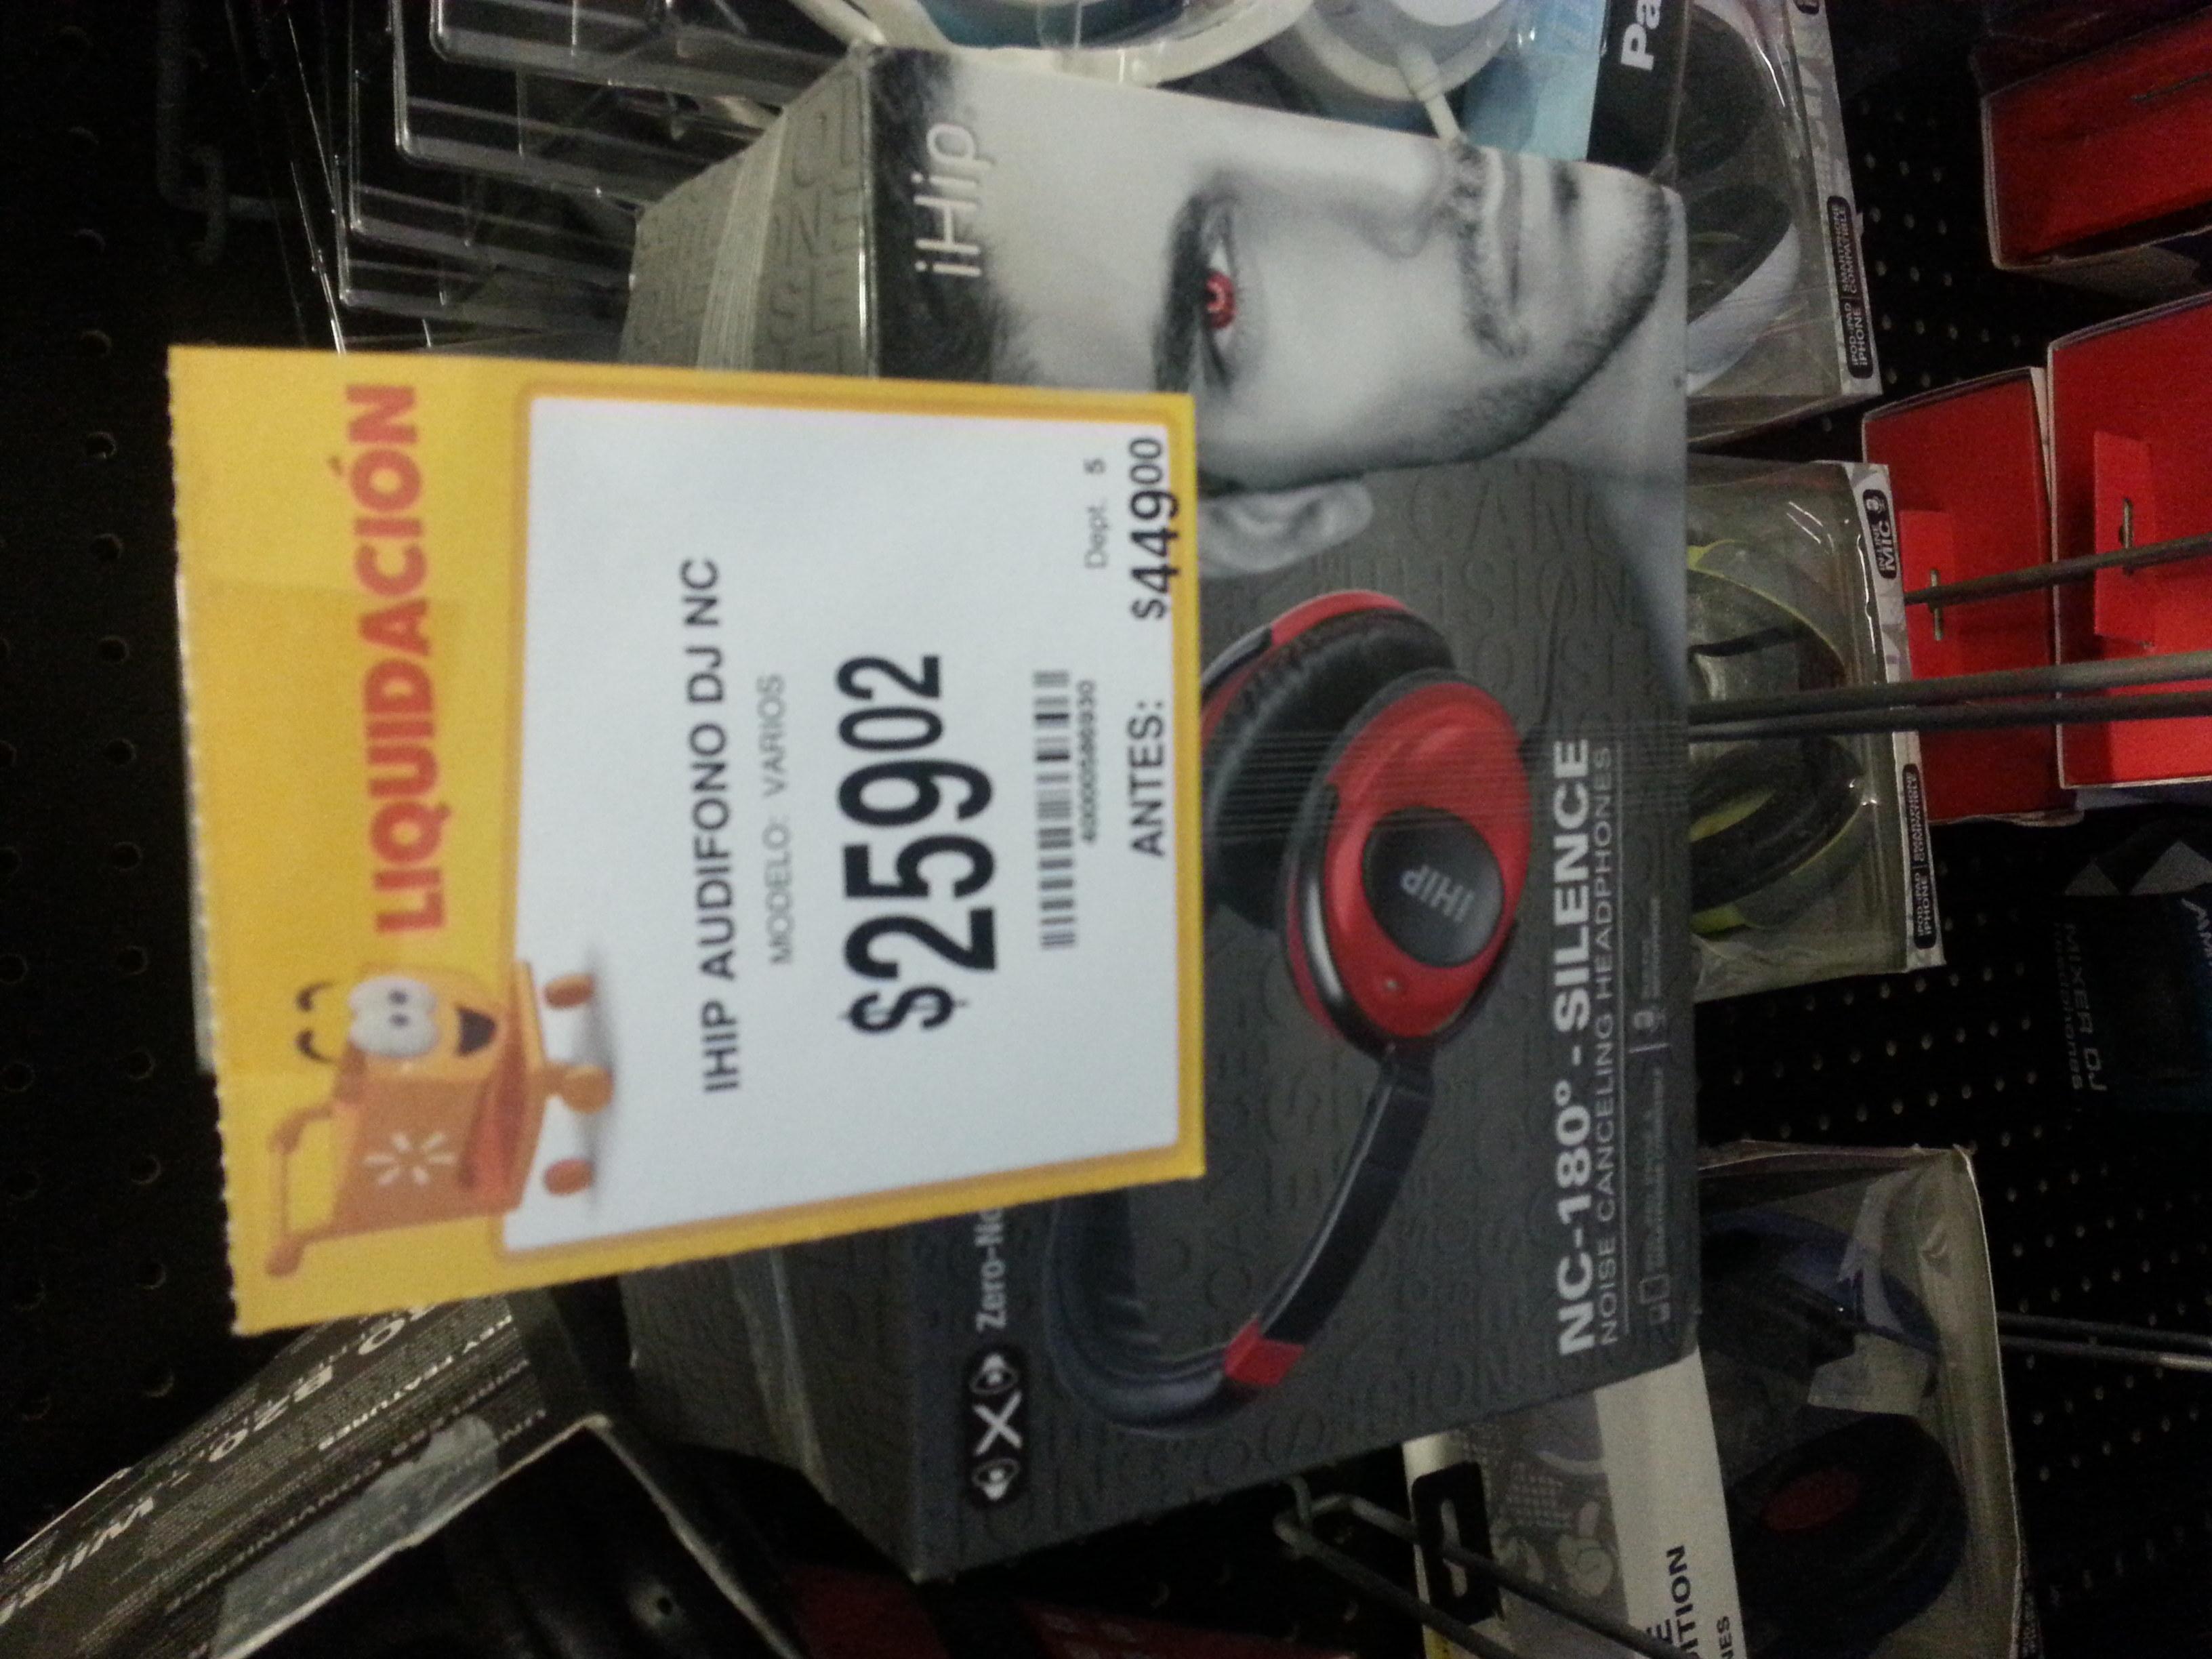 Walmart La Isla Culiacan Sinaloa: Audifonos DJNL a $259.02